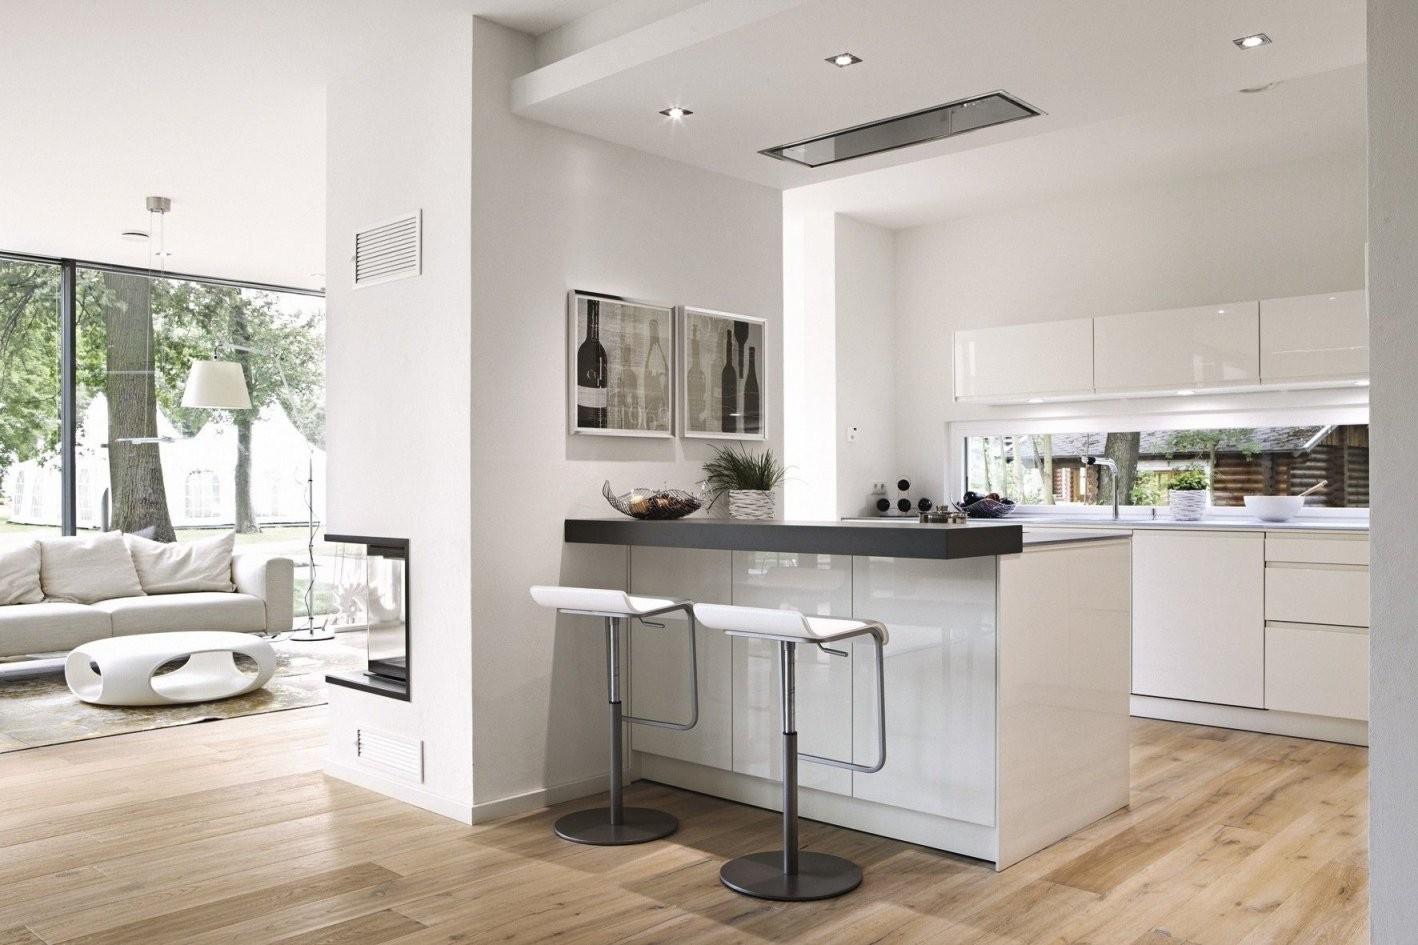 Offene Küche  Wohnideen  Offene Küche Wohnzimmer Haus Küchen Und von Wohnzimmer Mit Offener Küche Einrichten Photo